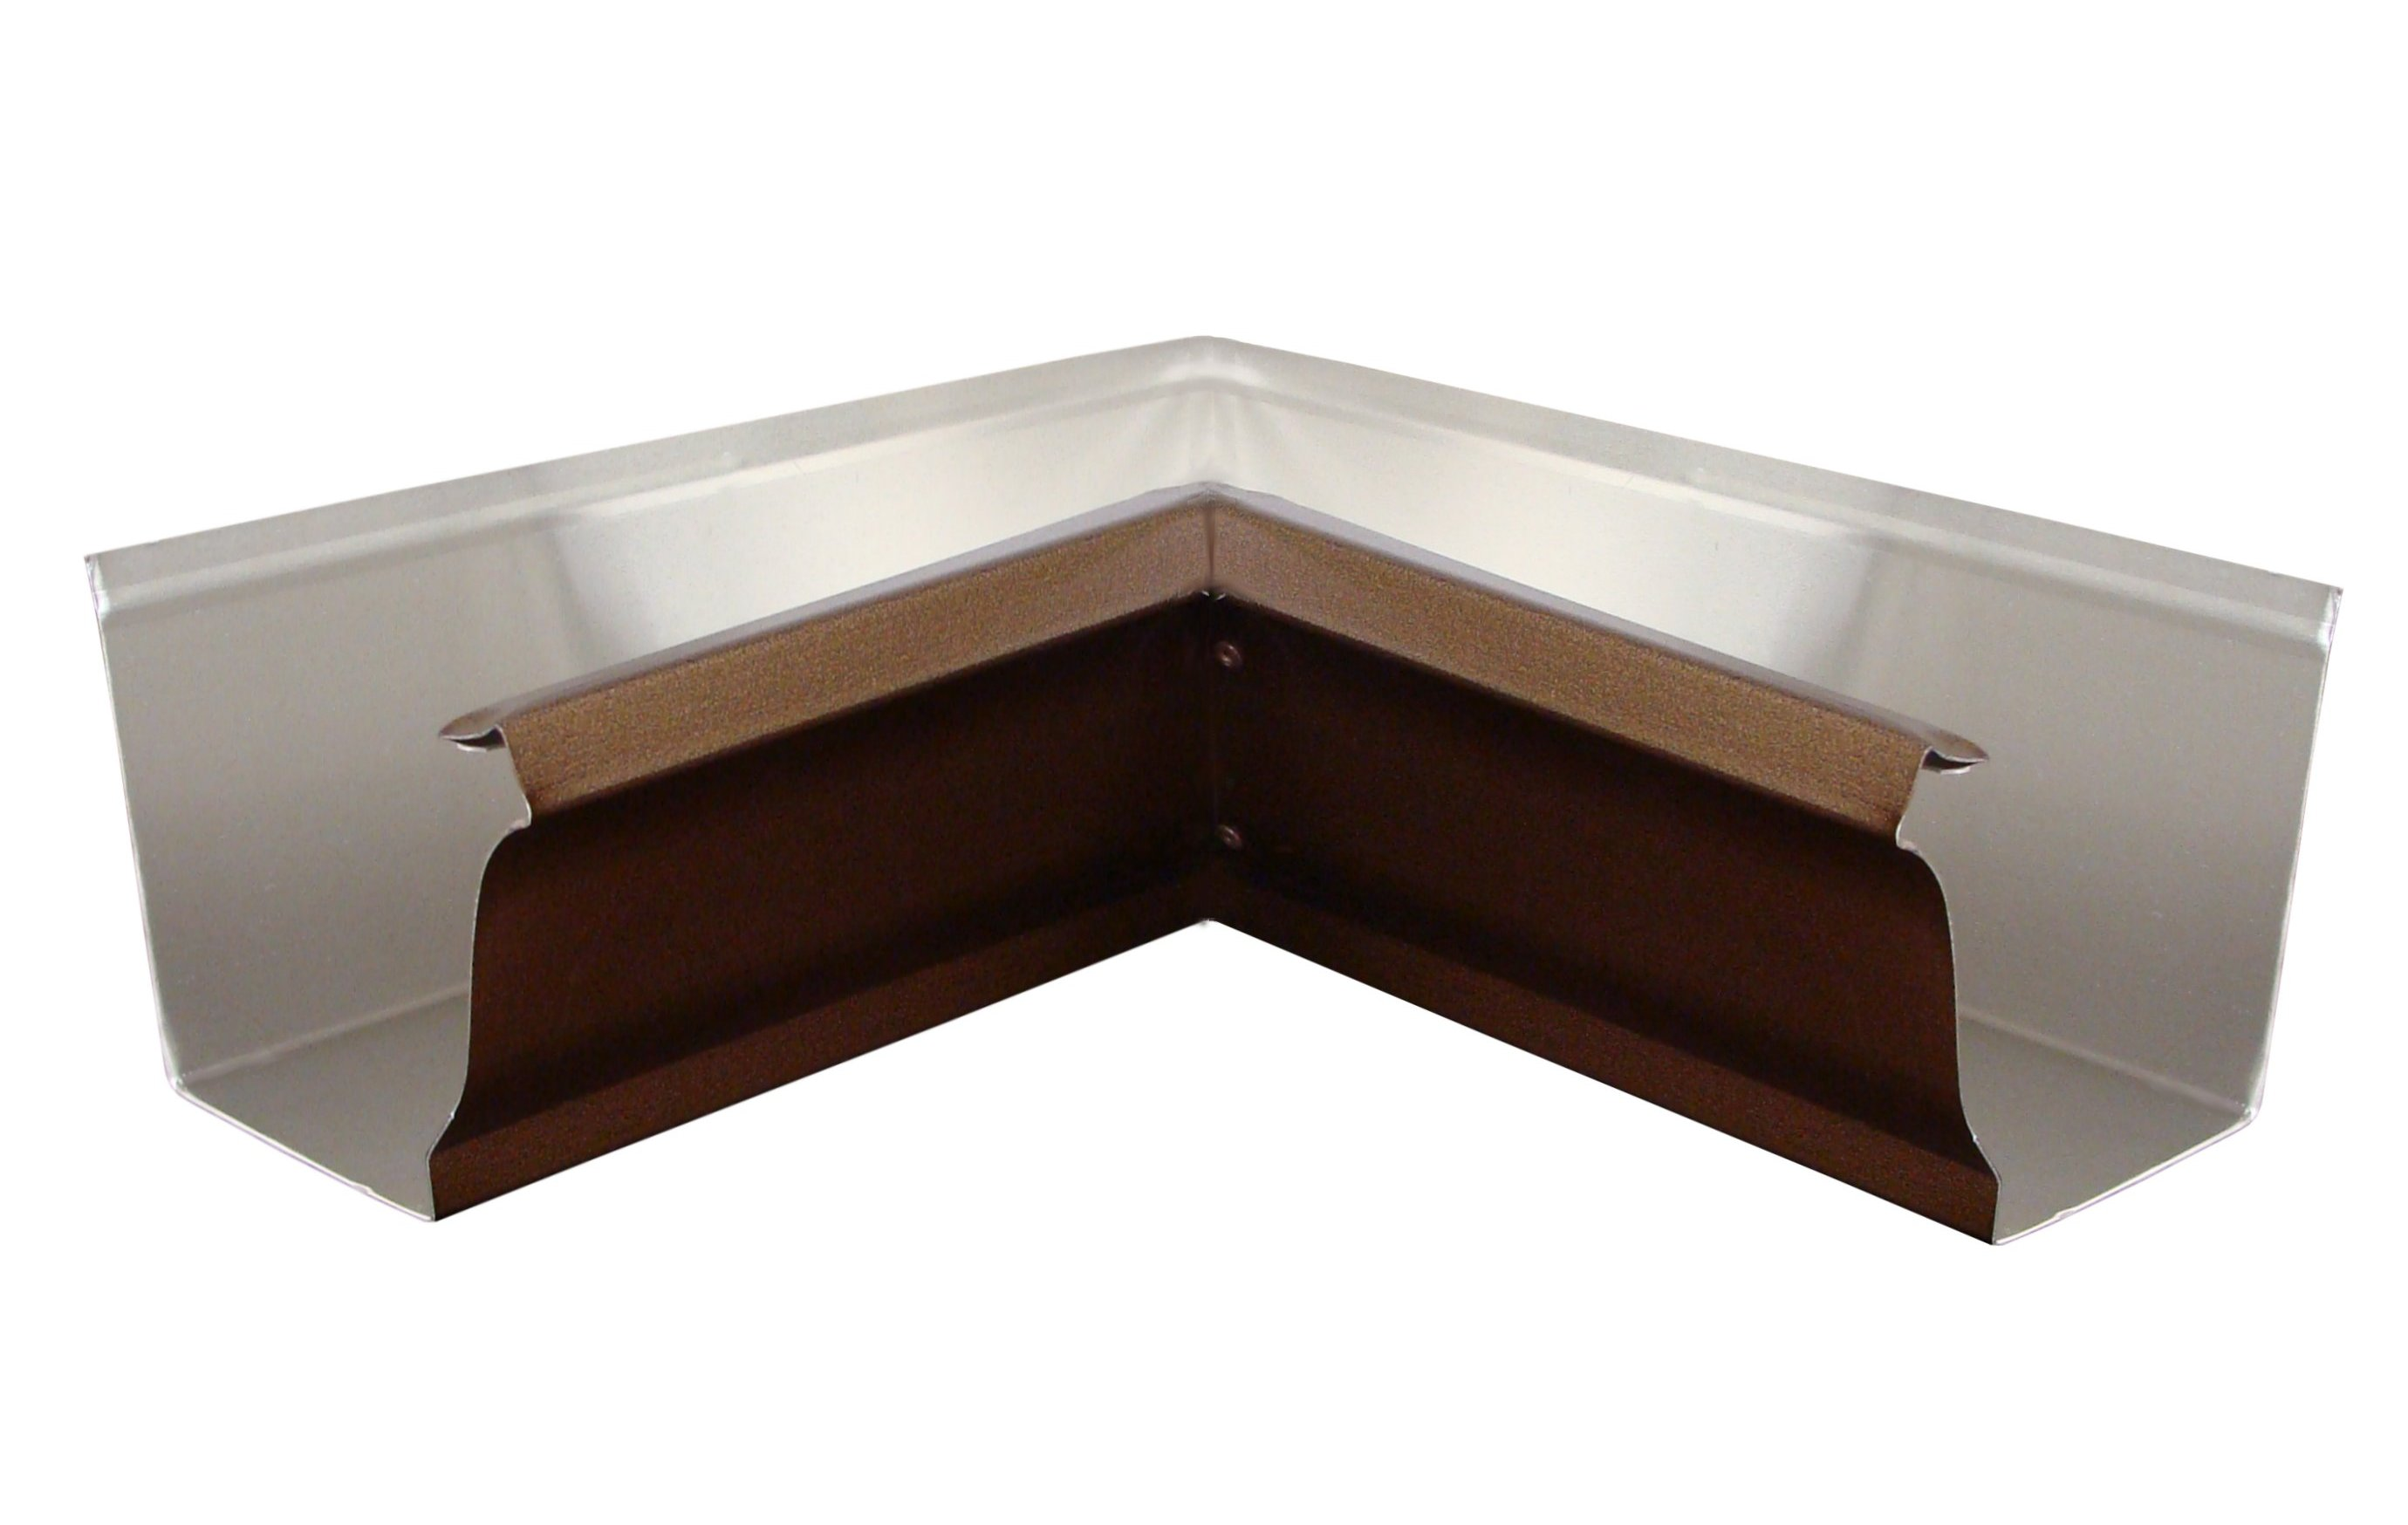 Designer Copper Aluminum Box Miters